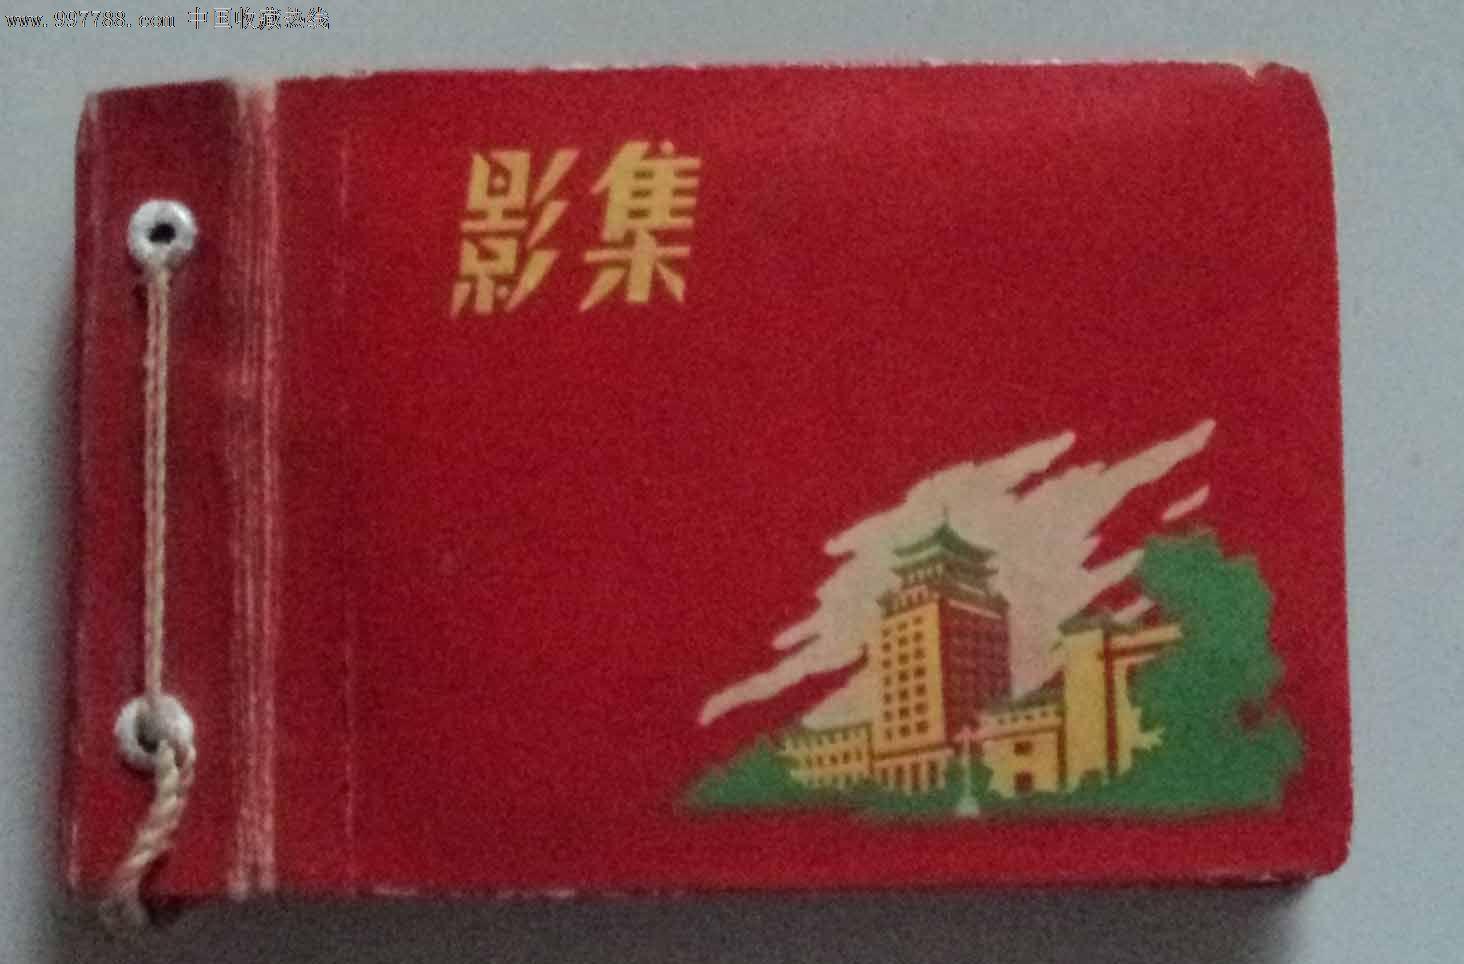 彩色混杂影集(老相册)